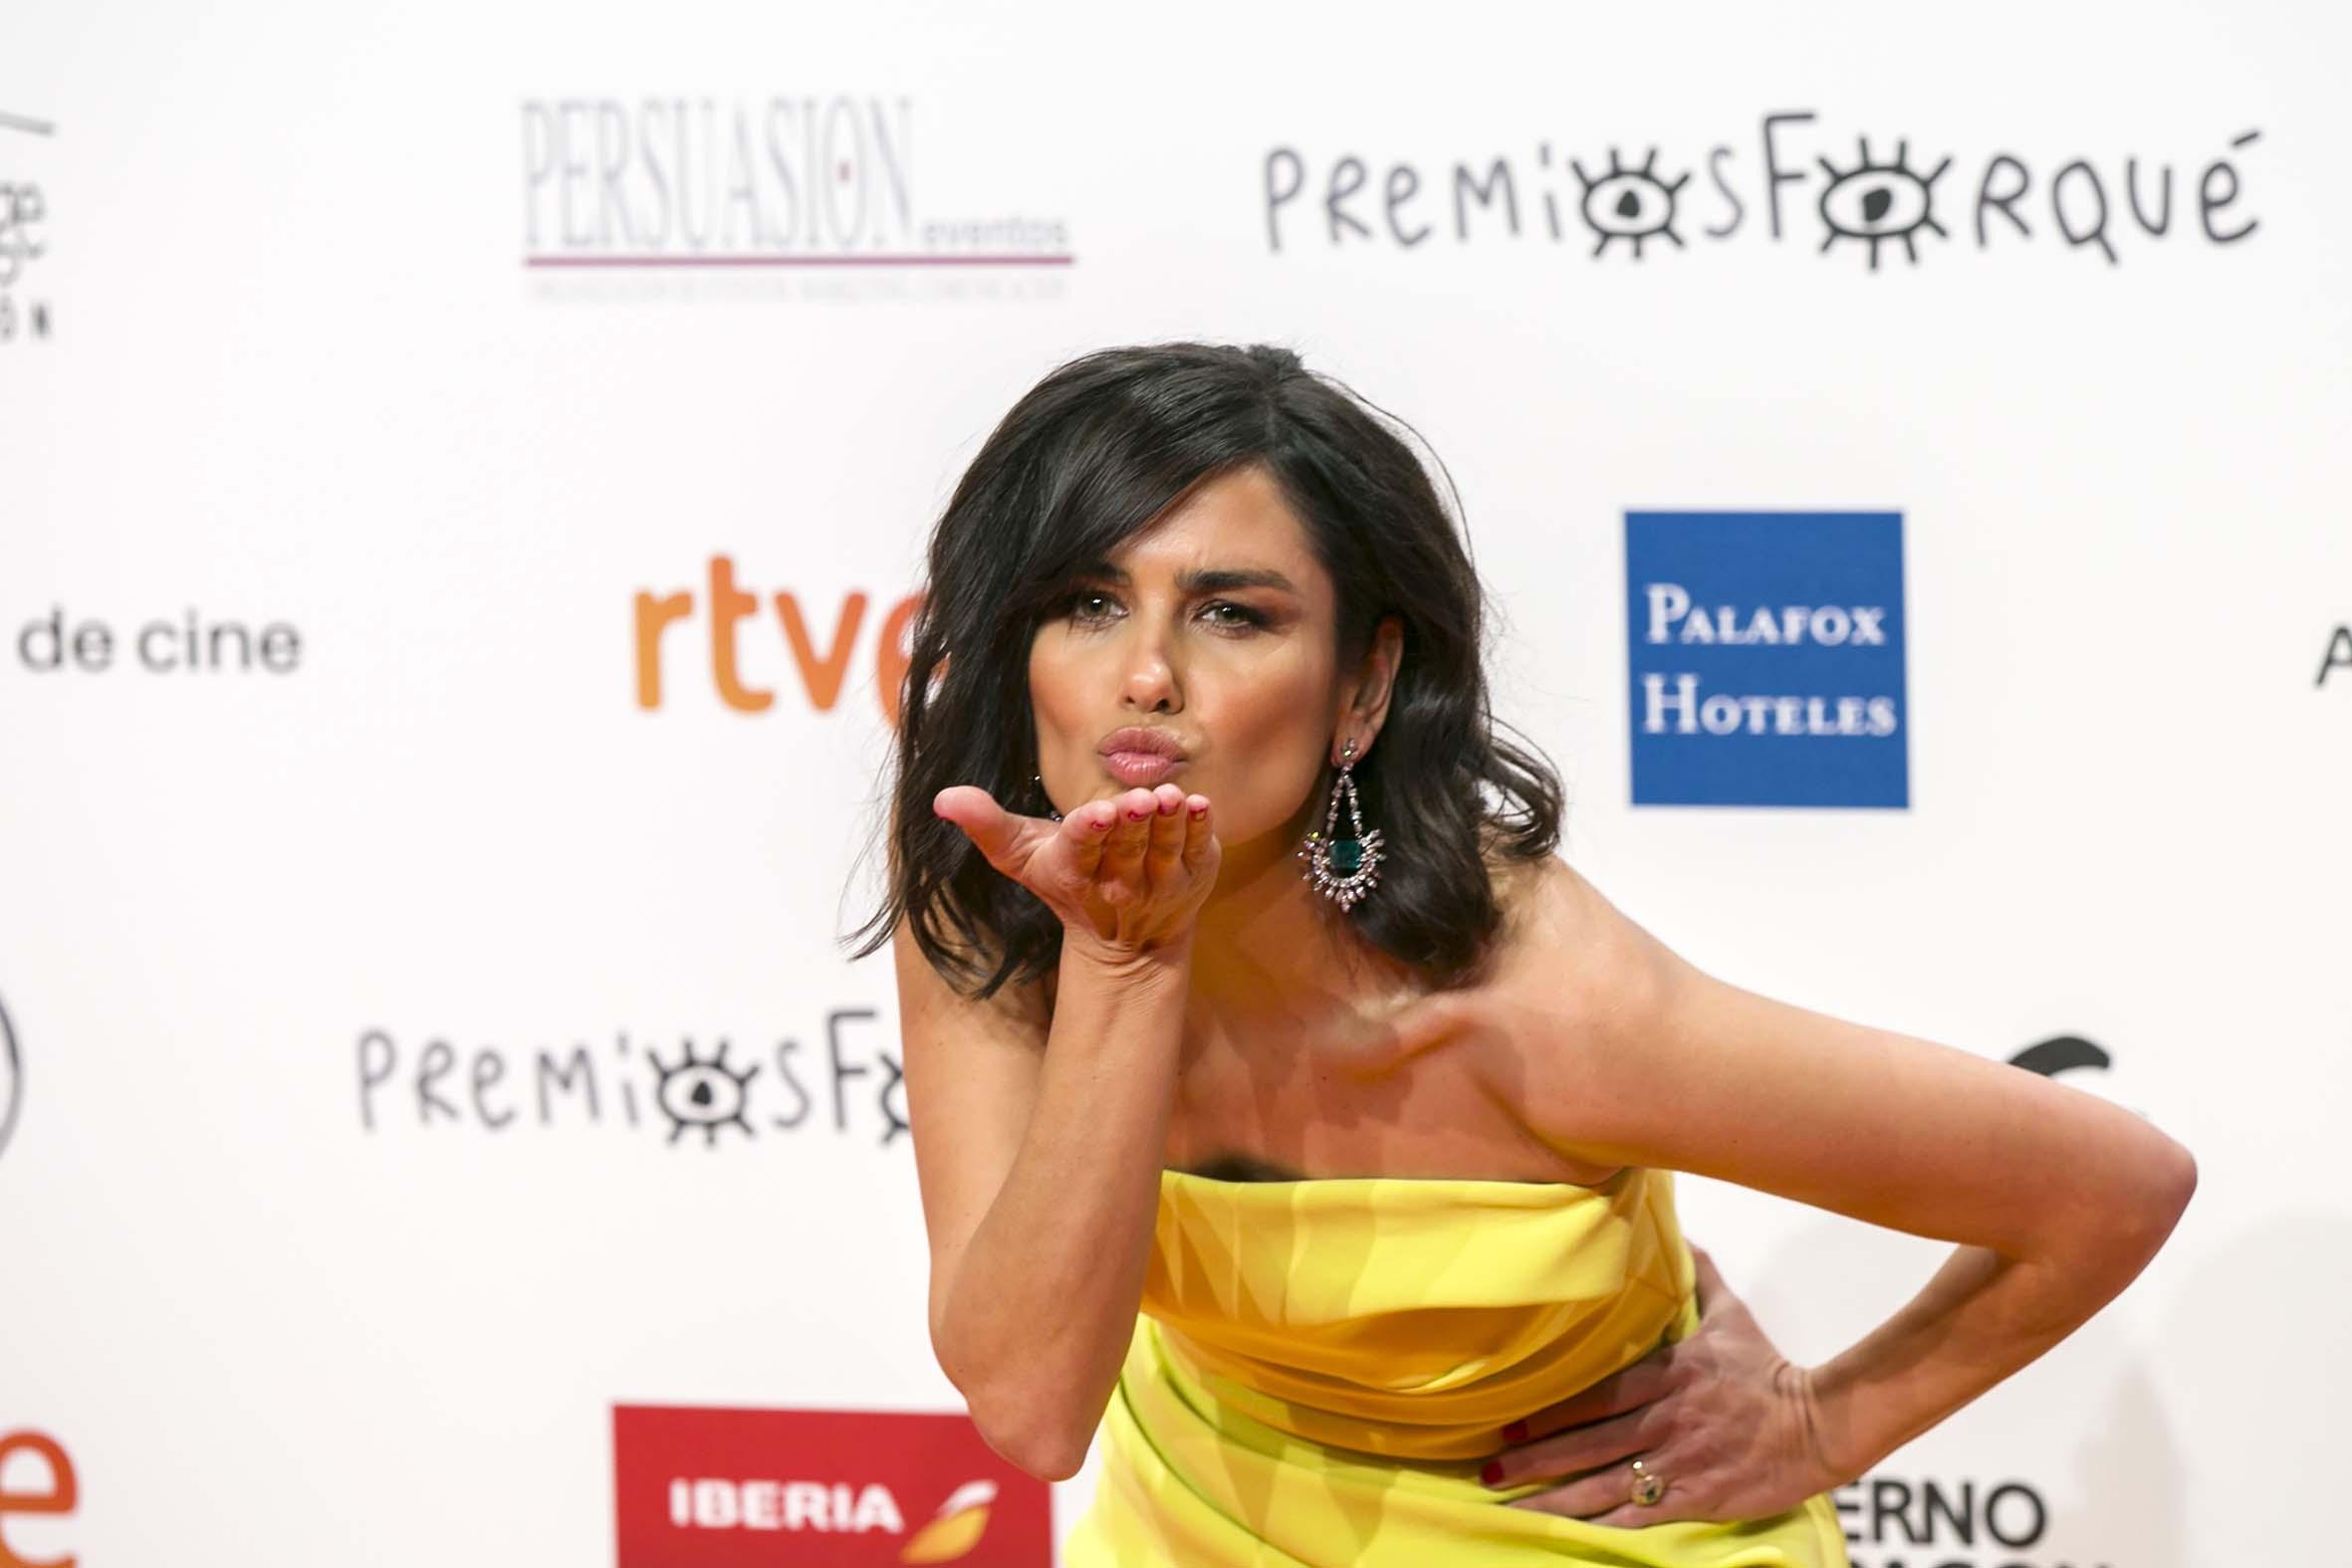 Elena Sanchez Presentadora Premios Forqué. Ganadores Premios Forqué 2019